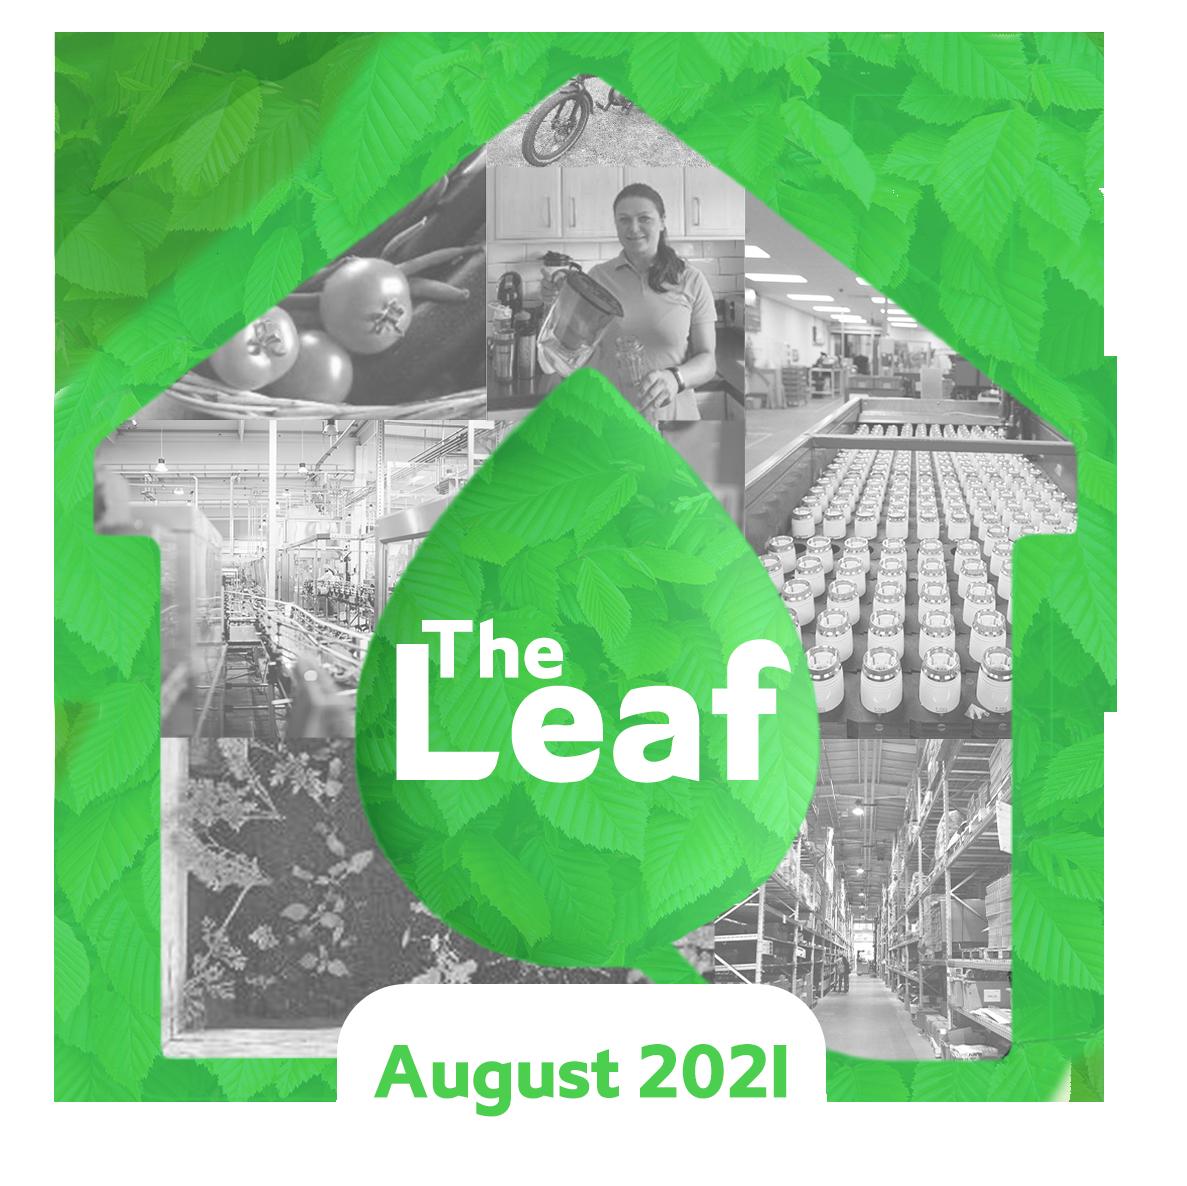 The Leaf - Drayton Sustainability Blog Logo - August 2021